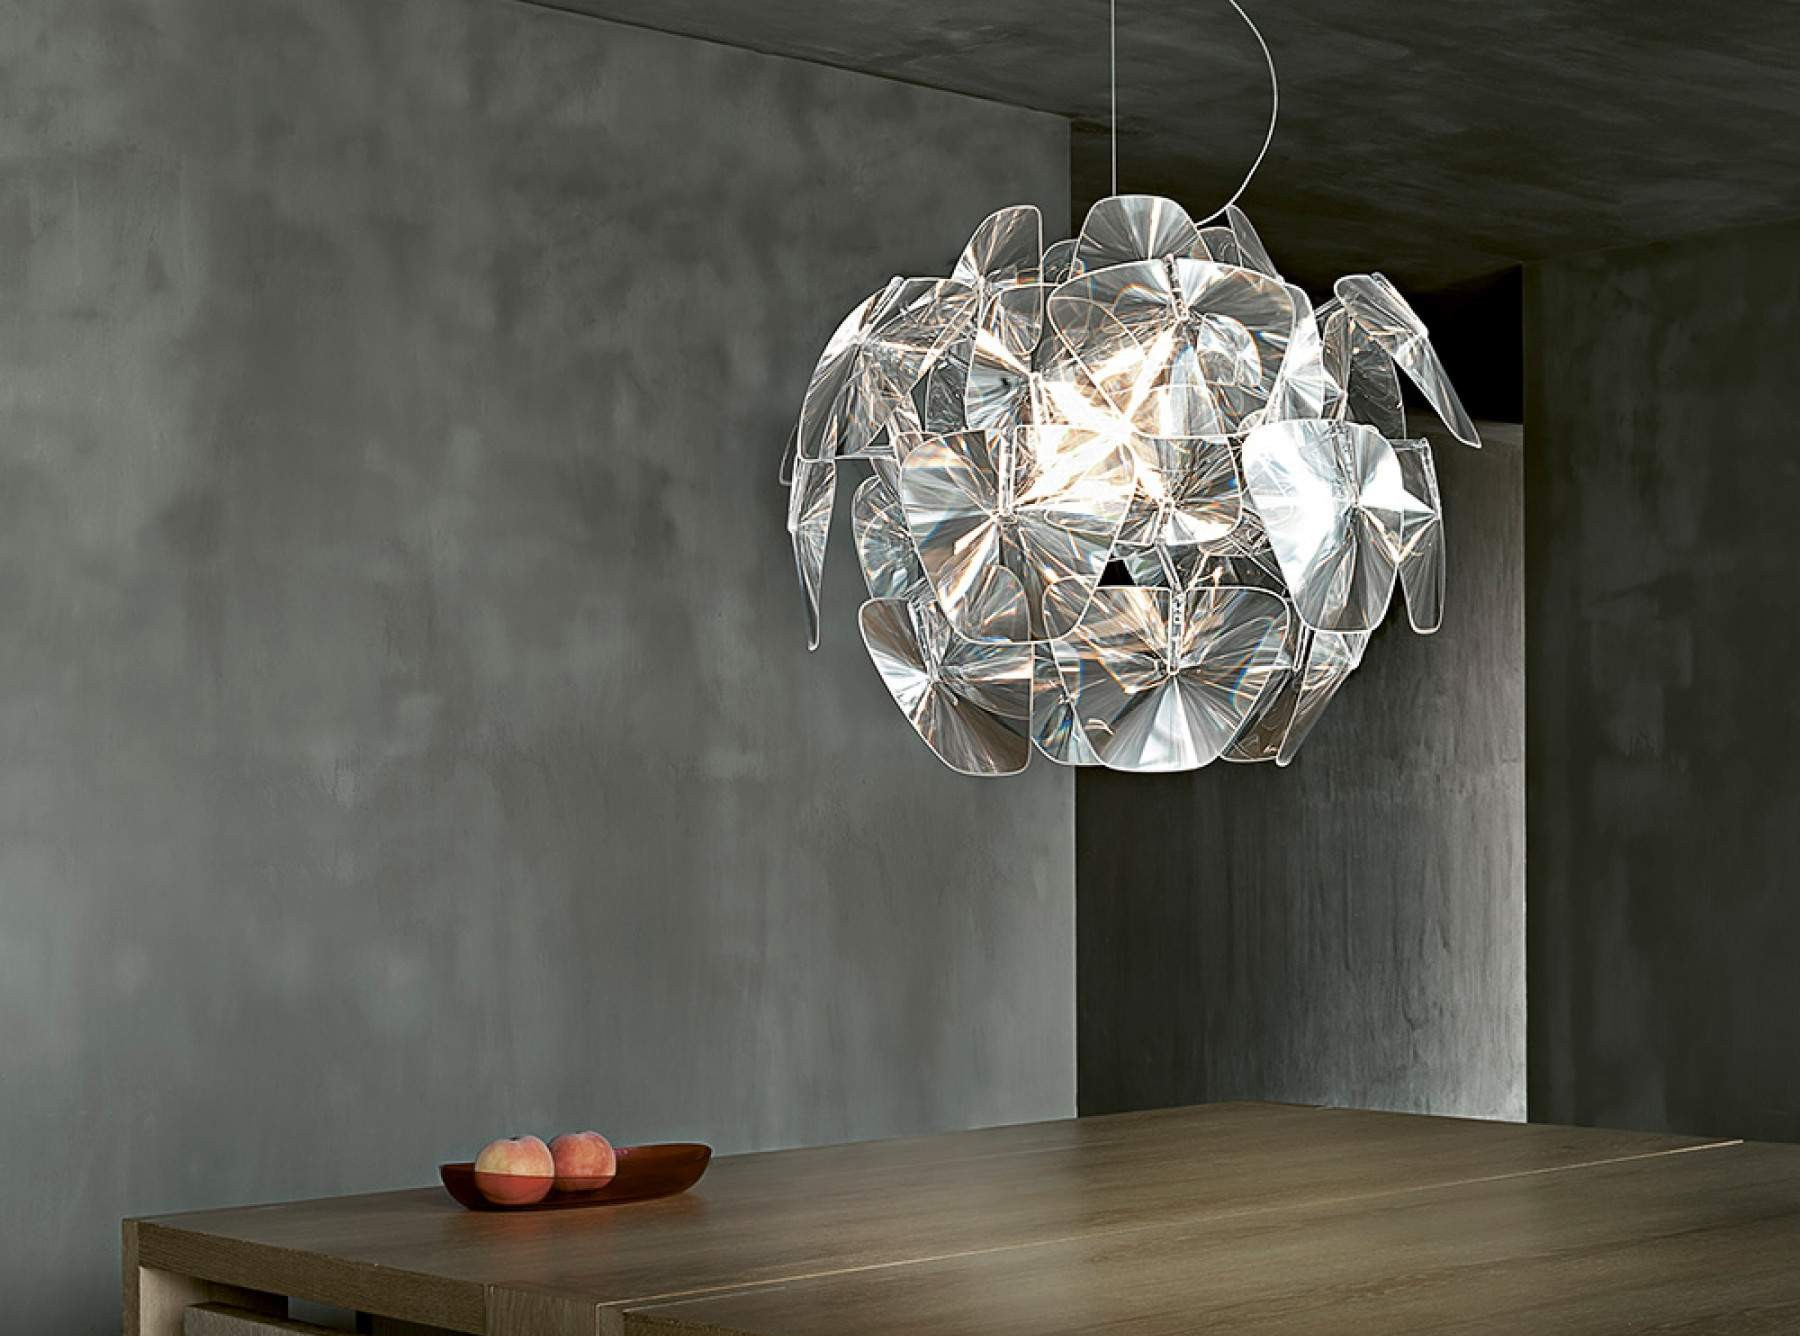 Lampade Sospensione A Grappolo 5 consigli per un'illuminazione perfetta - casa di stile